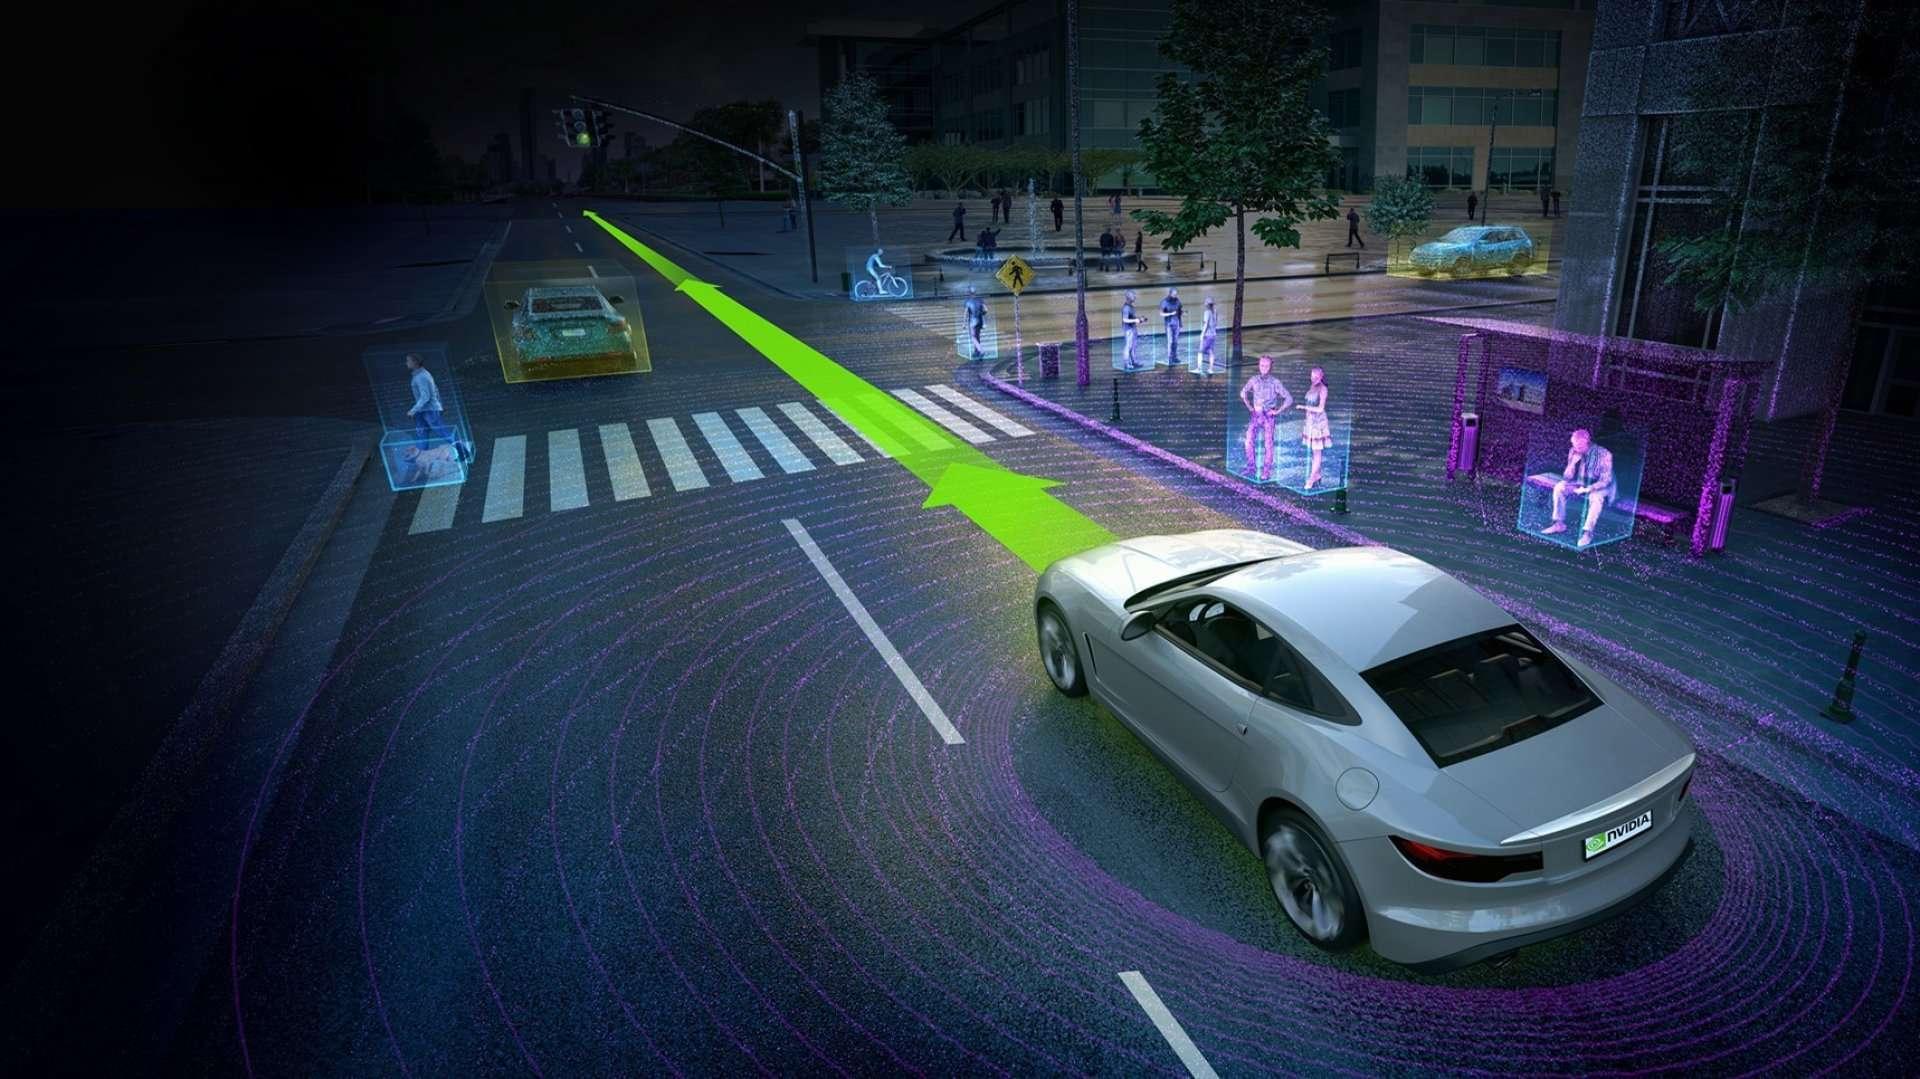 马斯克:无人车应该丢掉激光雷达这个拐杖